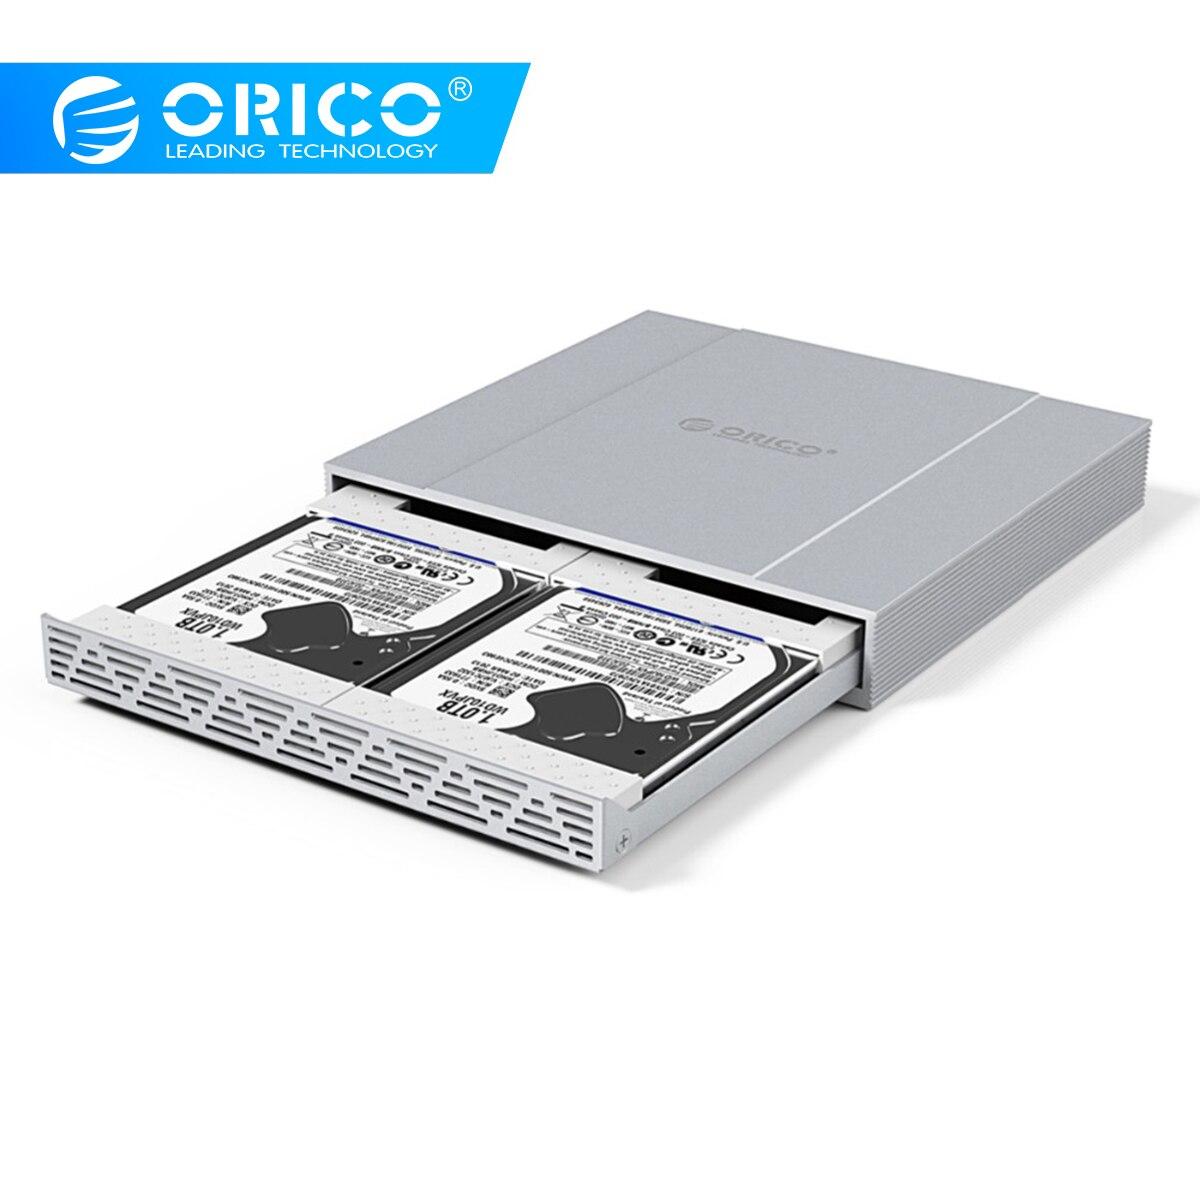 Чехол для жесткого диска ORICO 2*2,5 SATA для USB 3,1, адаптер для жесткого диска 10 Гбит/с, корпус для жесткого диска Raid0 для жесткого диска SSD, чехол для ...